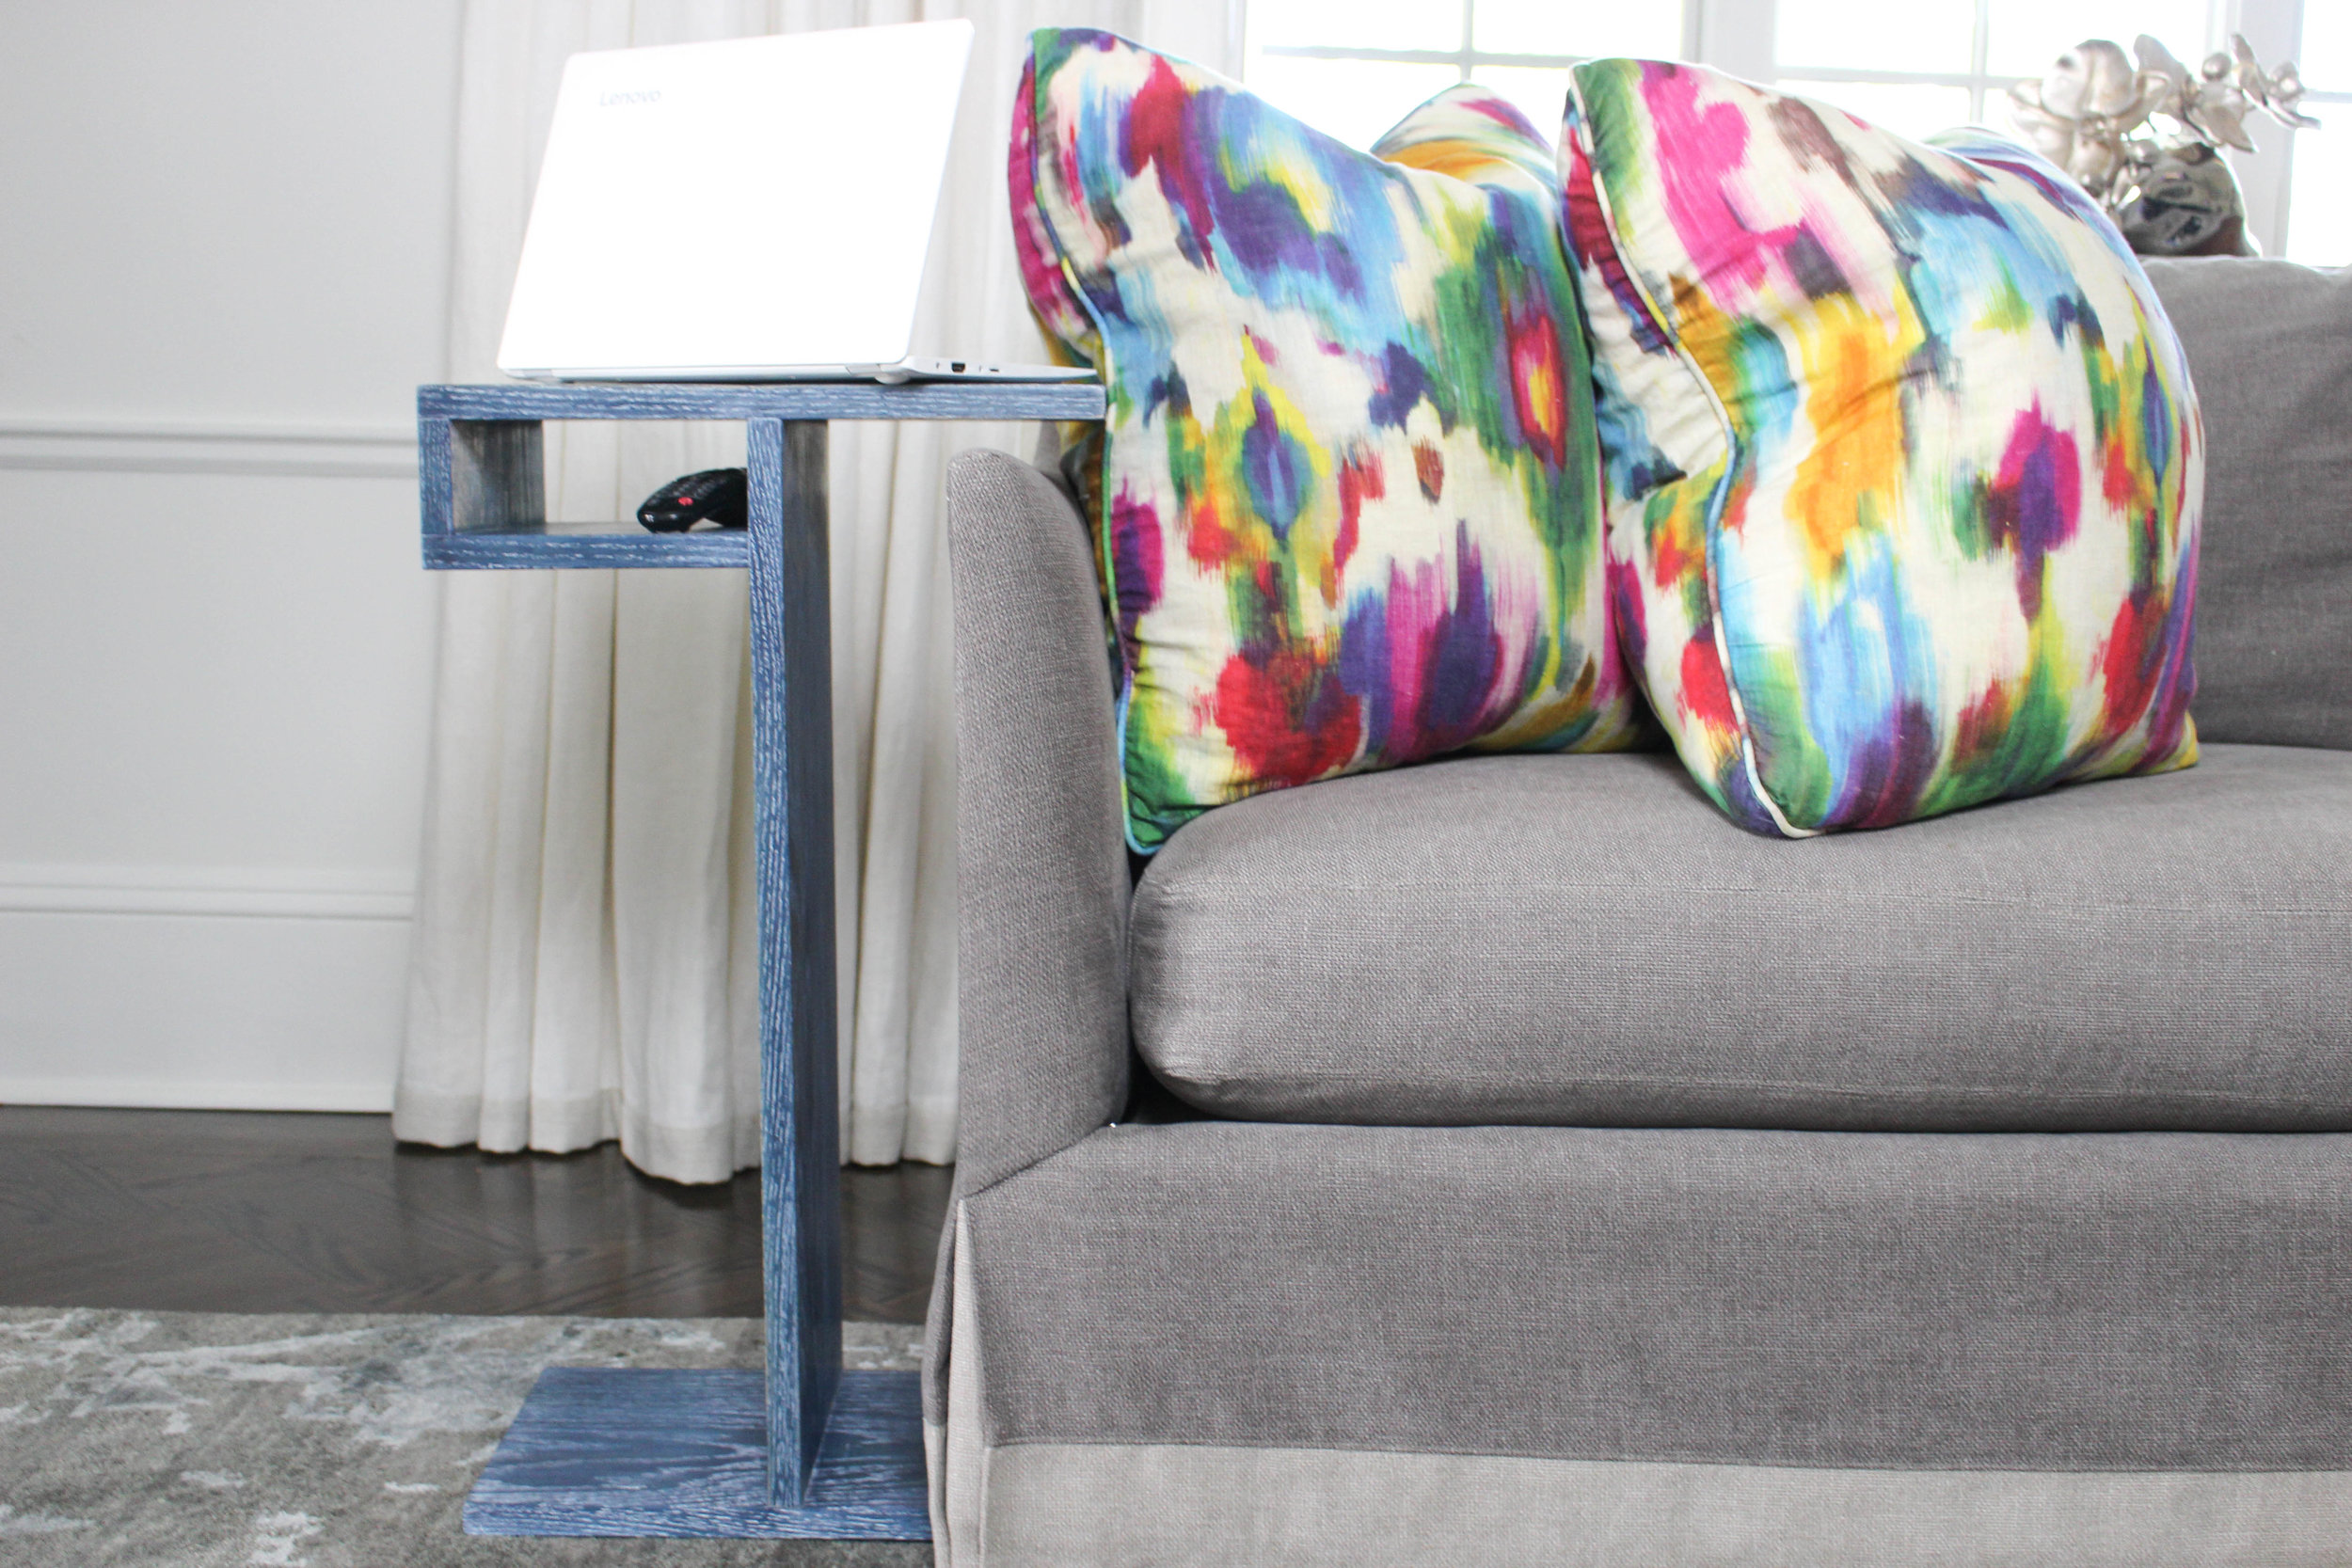 3x3 Custom Side Table with Storage Shelf